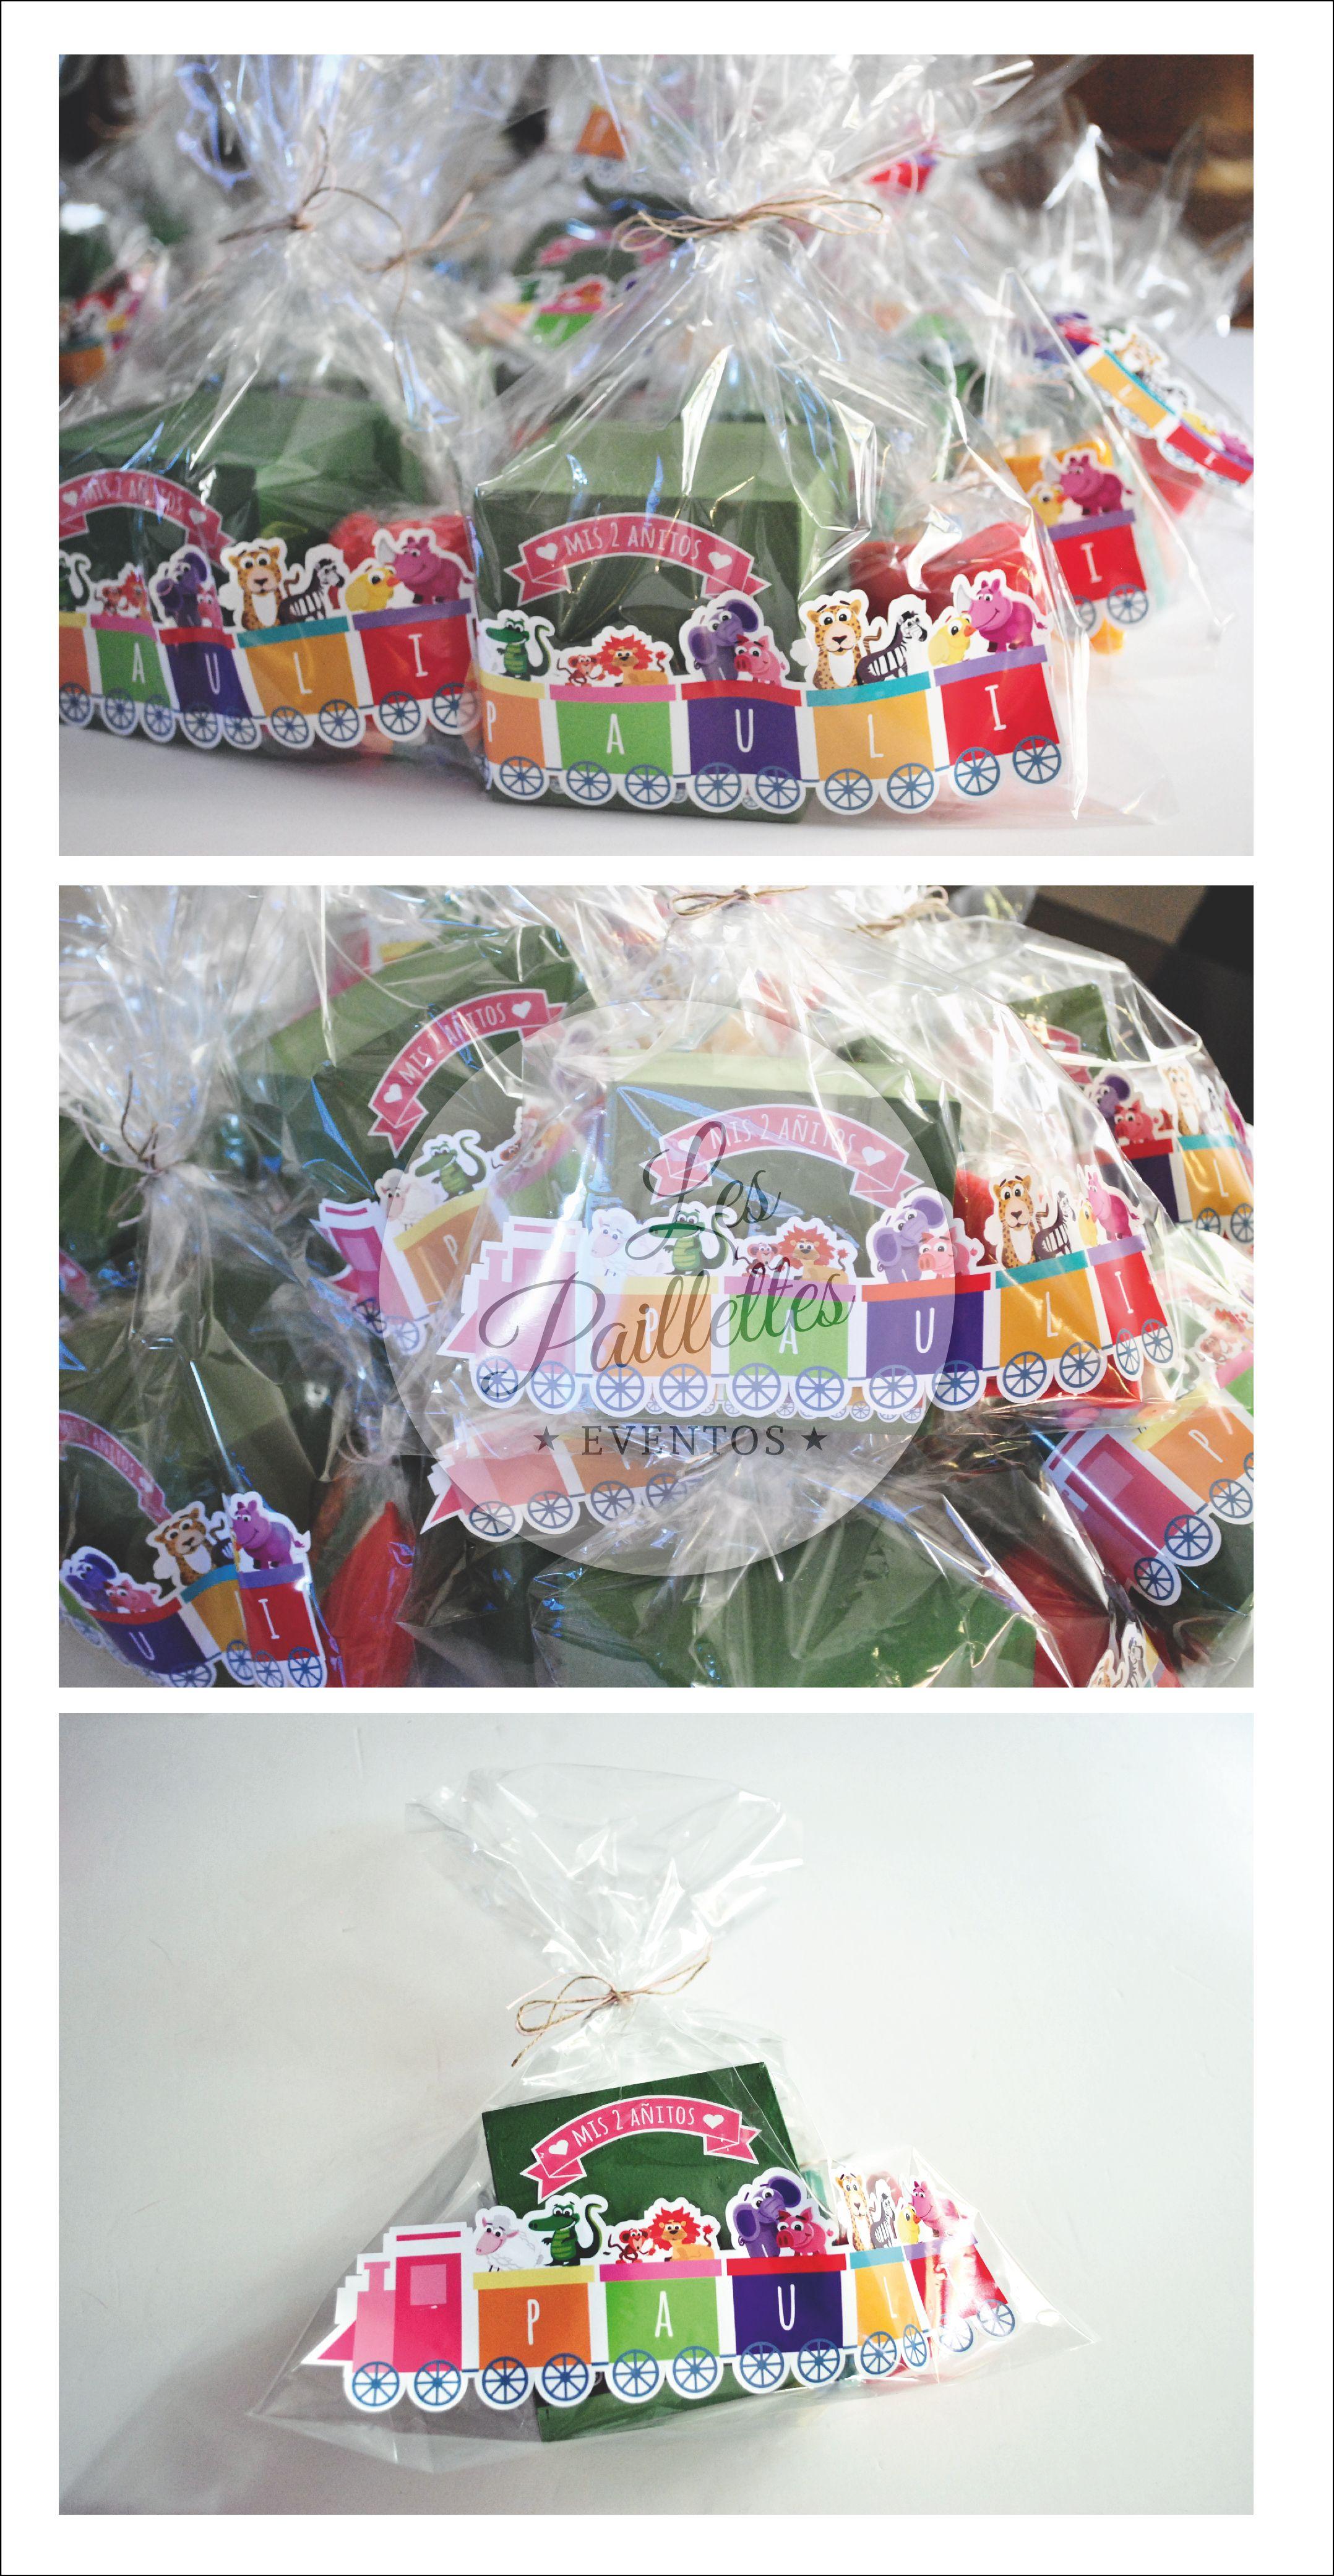 dd1eb8cef Sorpresitas Cumple 3 años. Cubos pizzaroon + tizas + borrador #cumpleaños # souvenir #